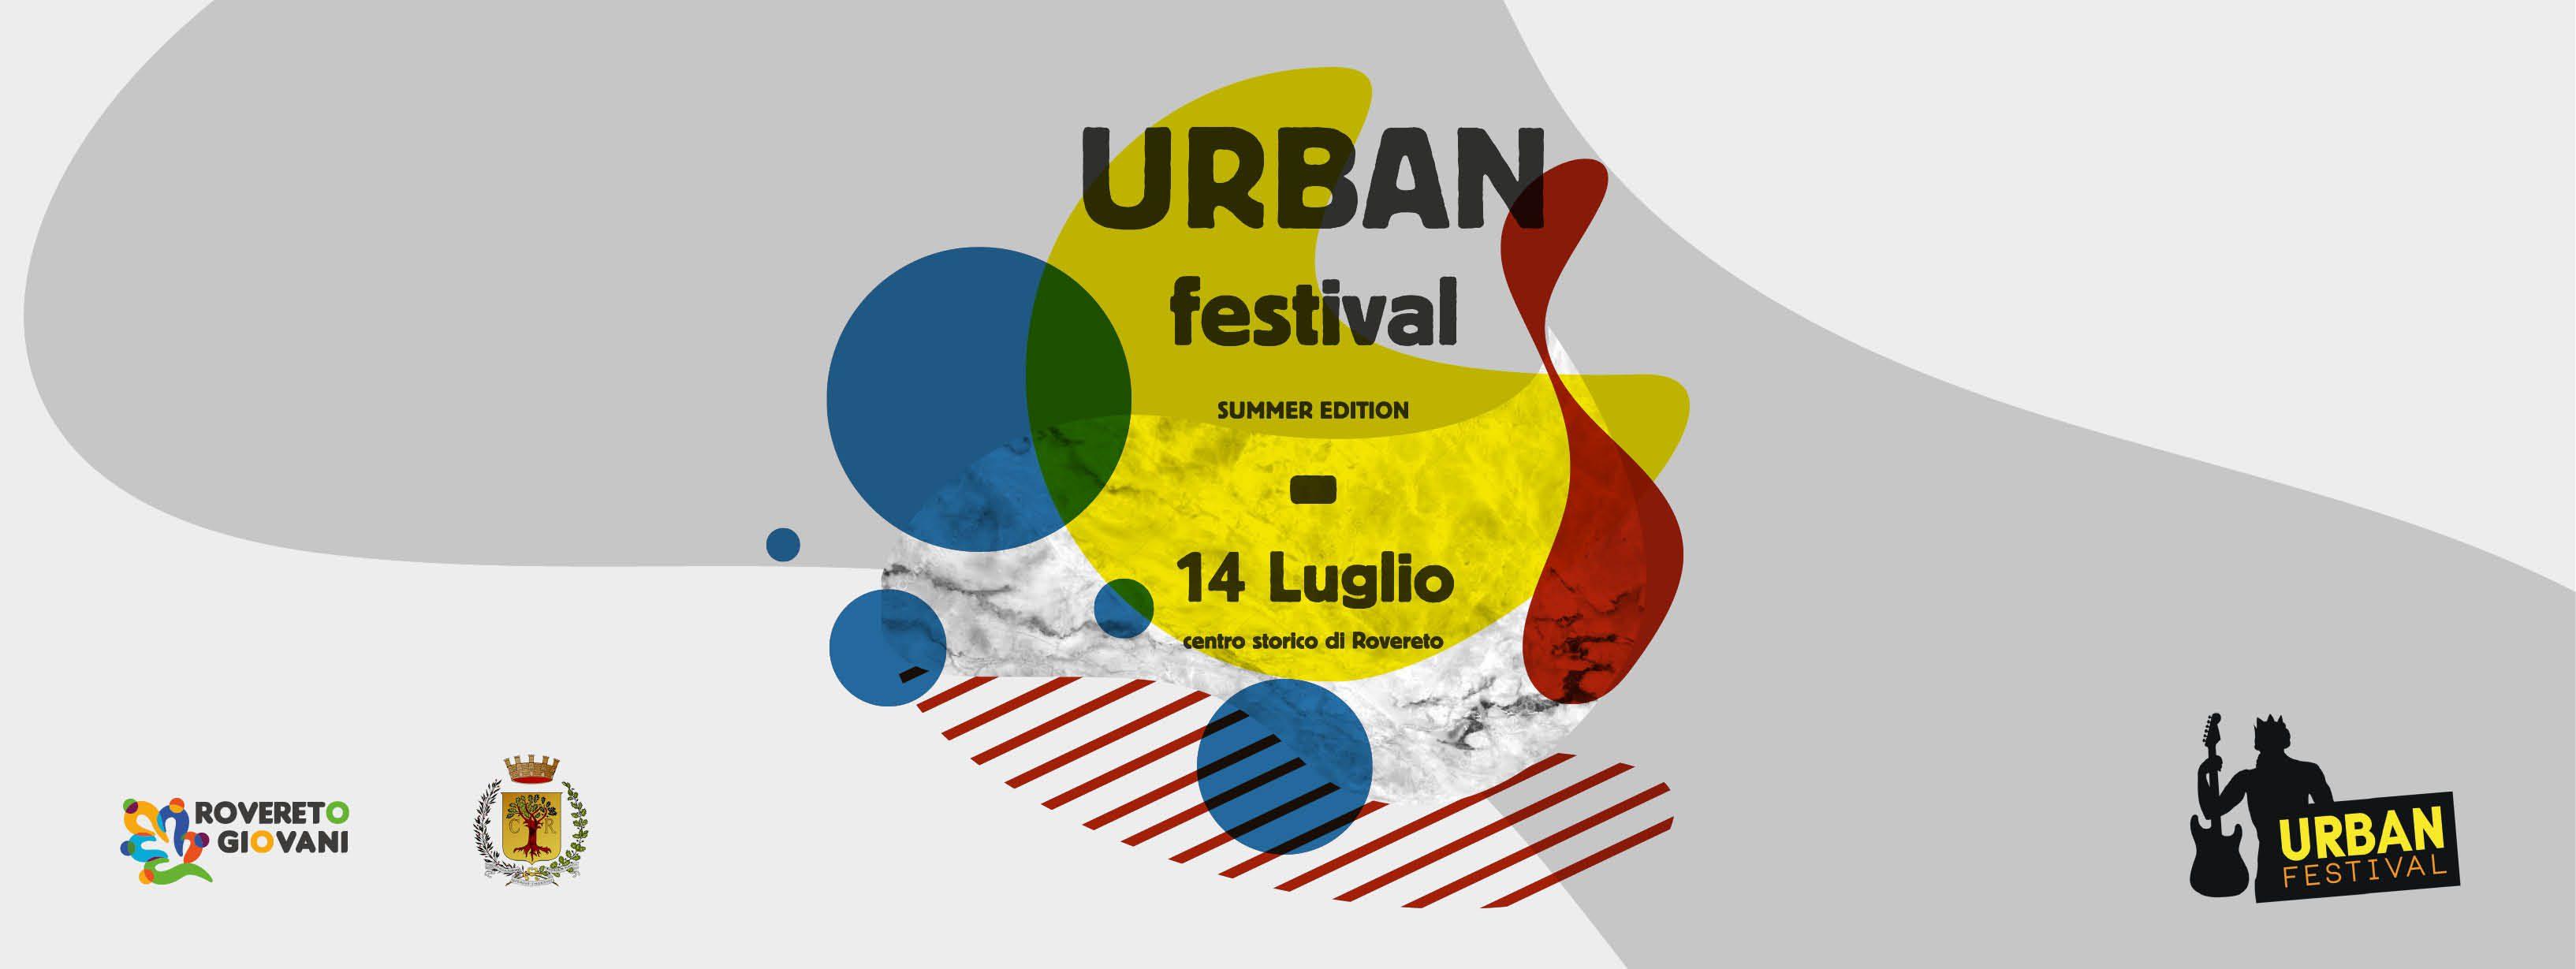 Urban Festival 2018